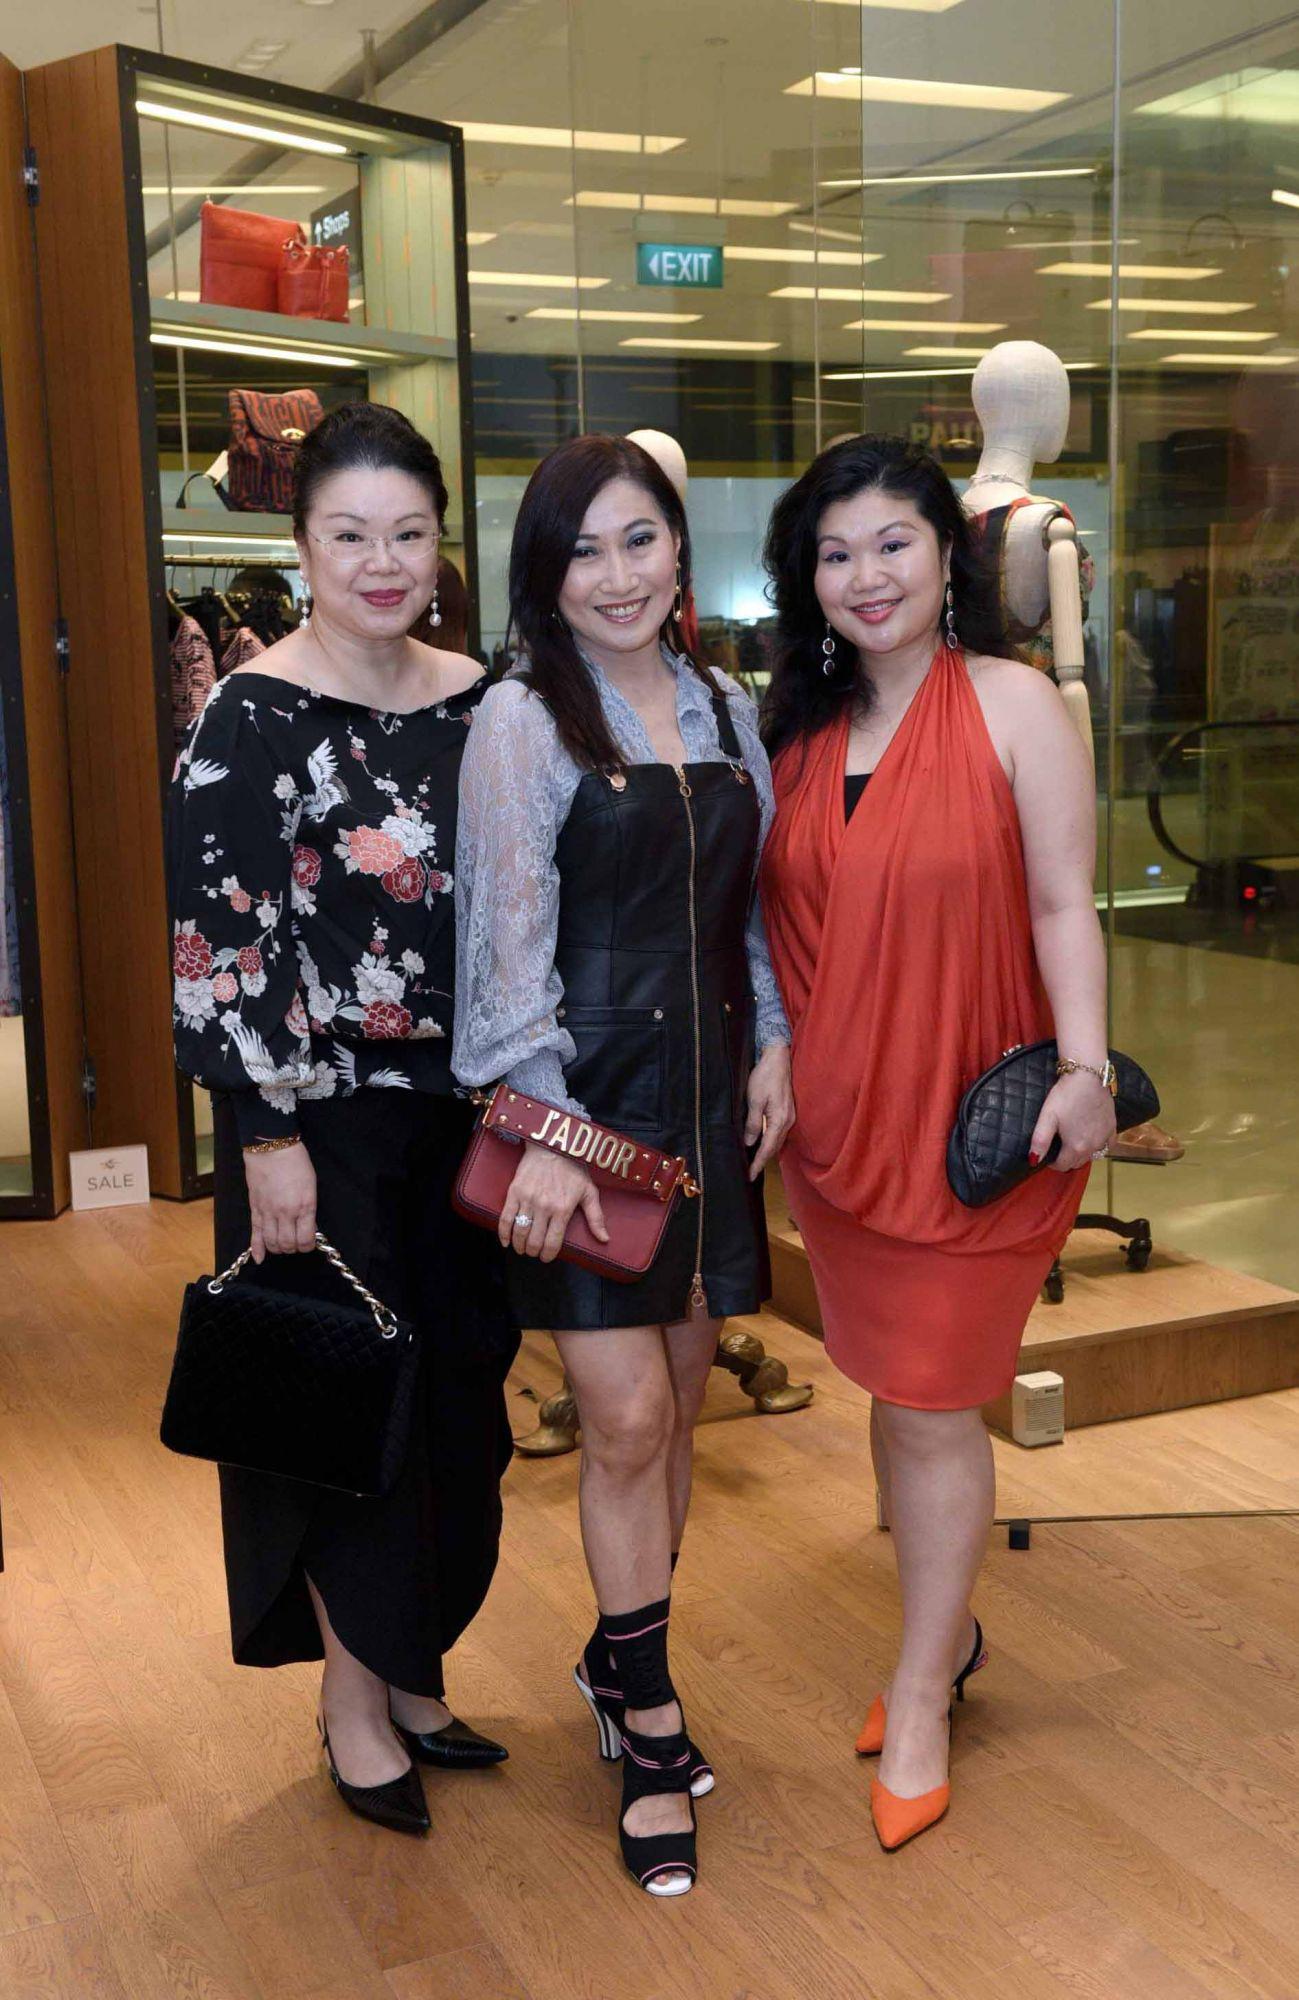 Lam Min Yee, Tan Khar Nai, Lam Tse-Yi